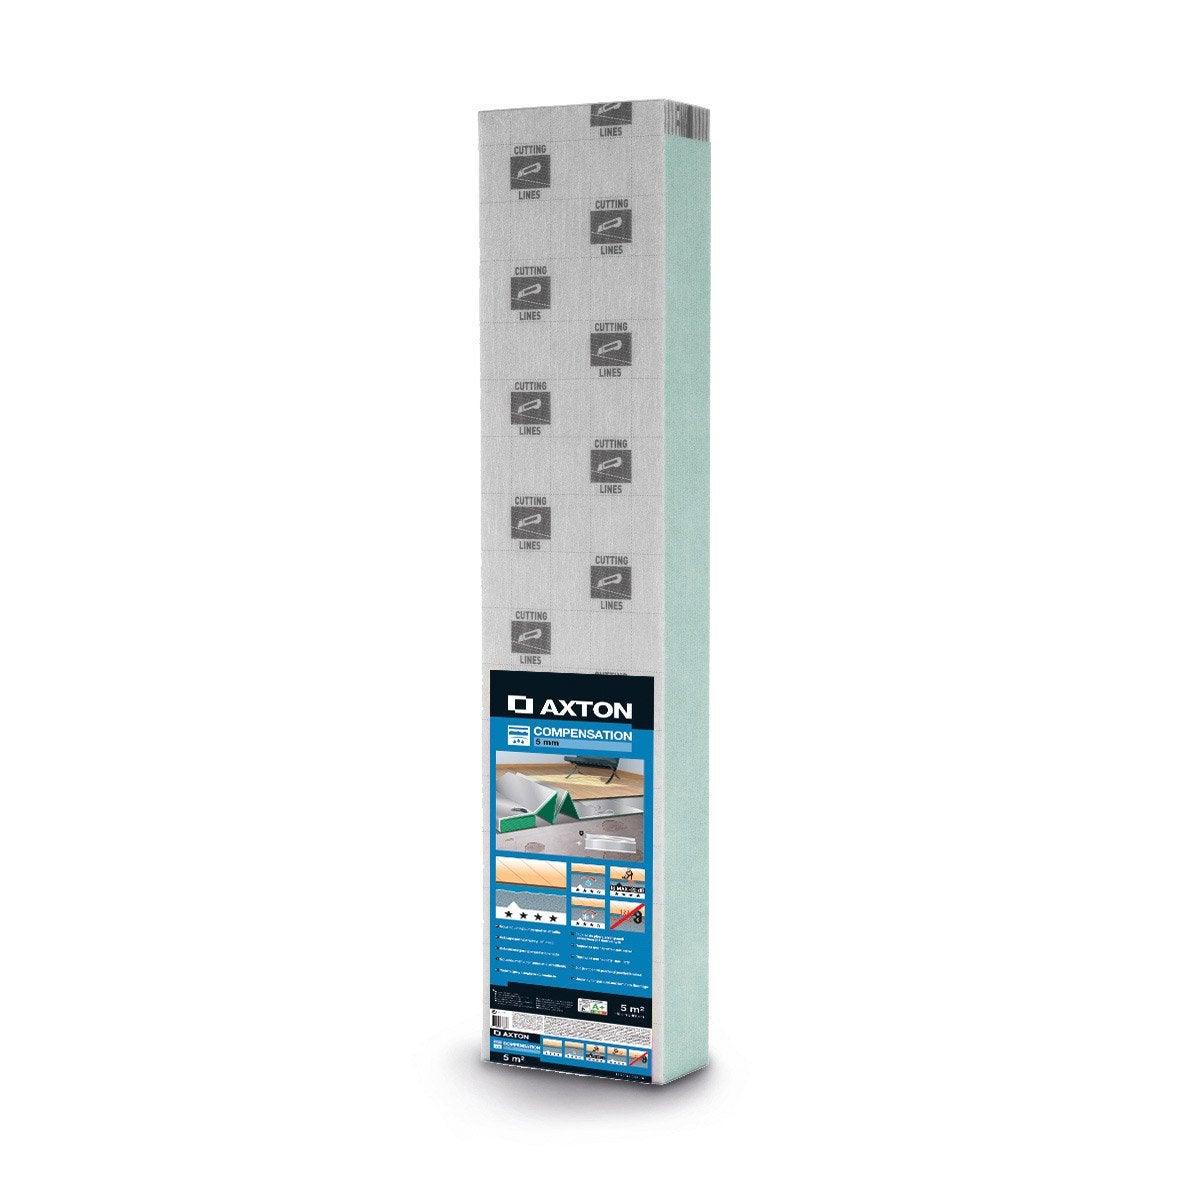 sous couche parquet et sol stratifi compensation aquastop ep 5 mm axton 5 m leroy merlin. Black Bedroom Furniture Sets. Home Design Ideas